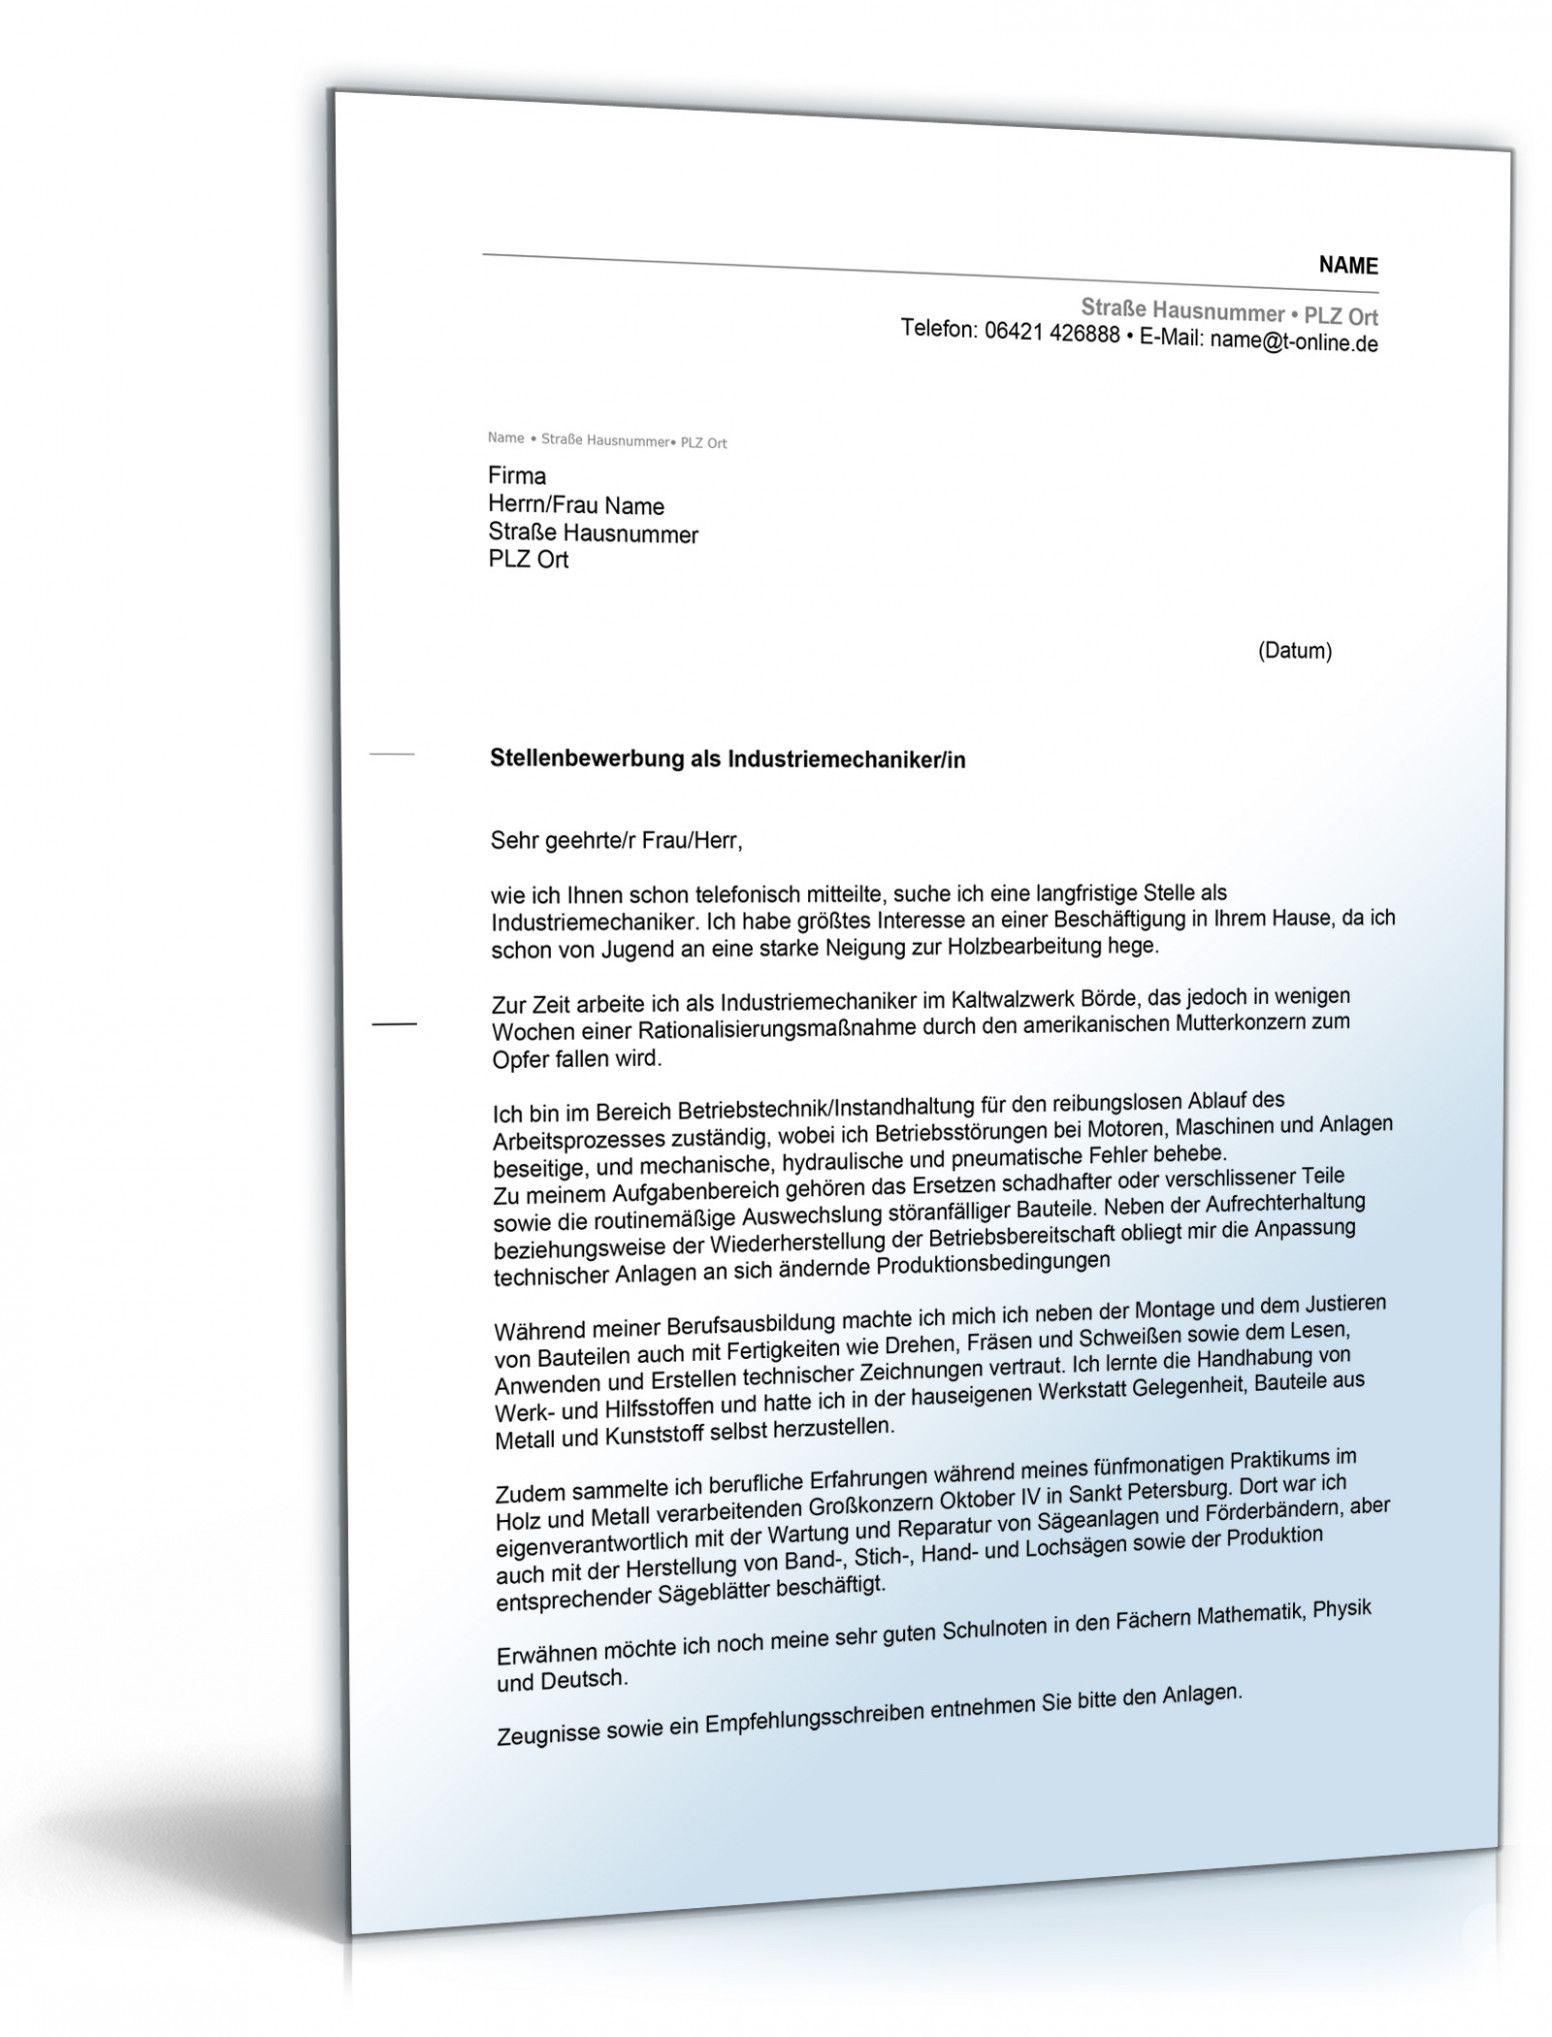 Industriemechaniker Bewerbung Vorlage Lebenslauf Vorlagen Lebenslauf Briefvorlagen